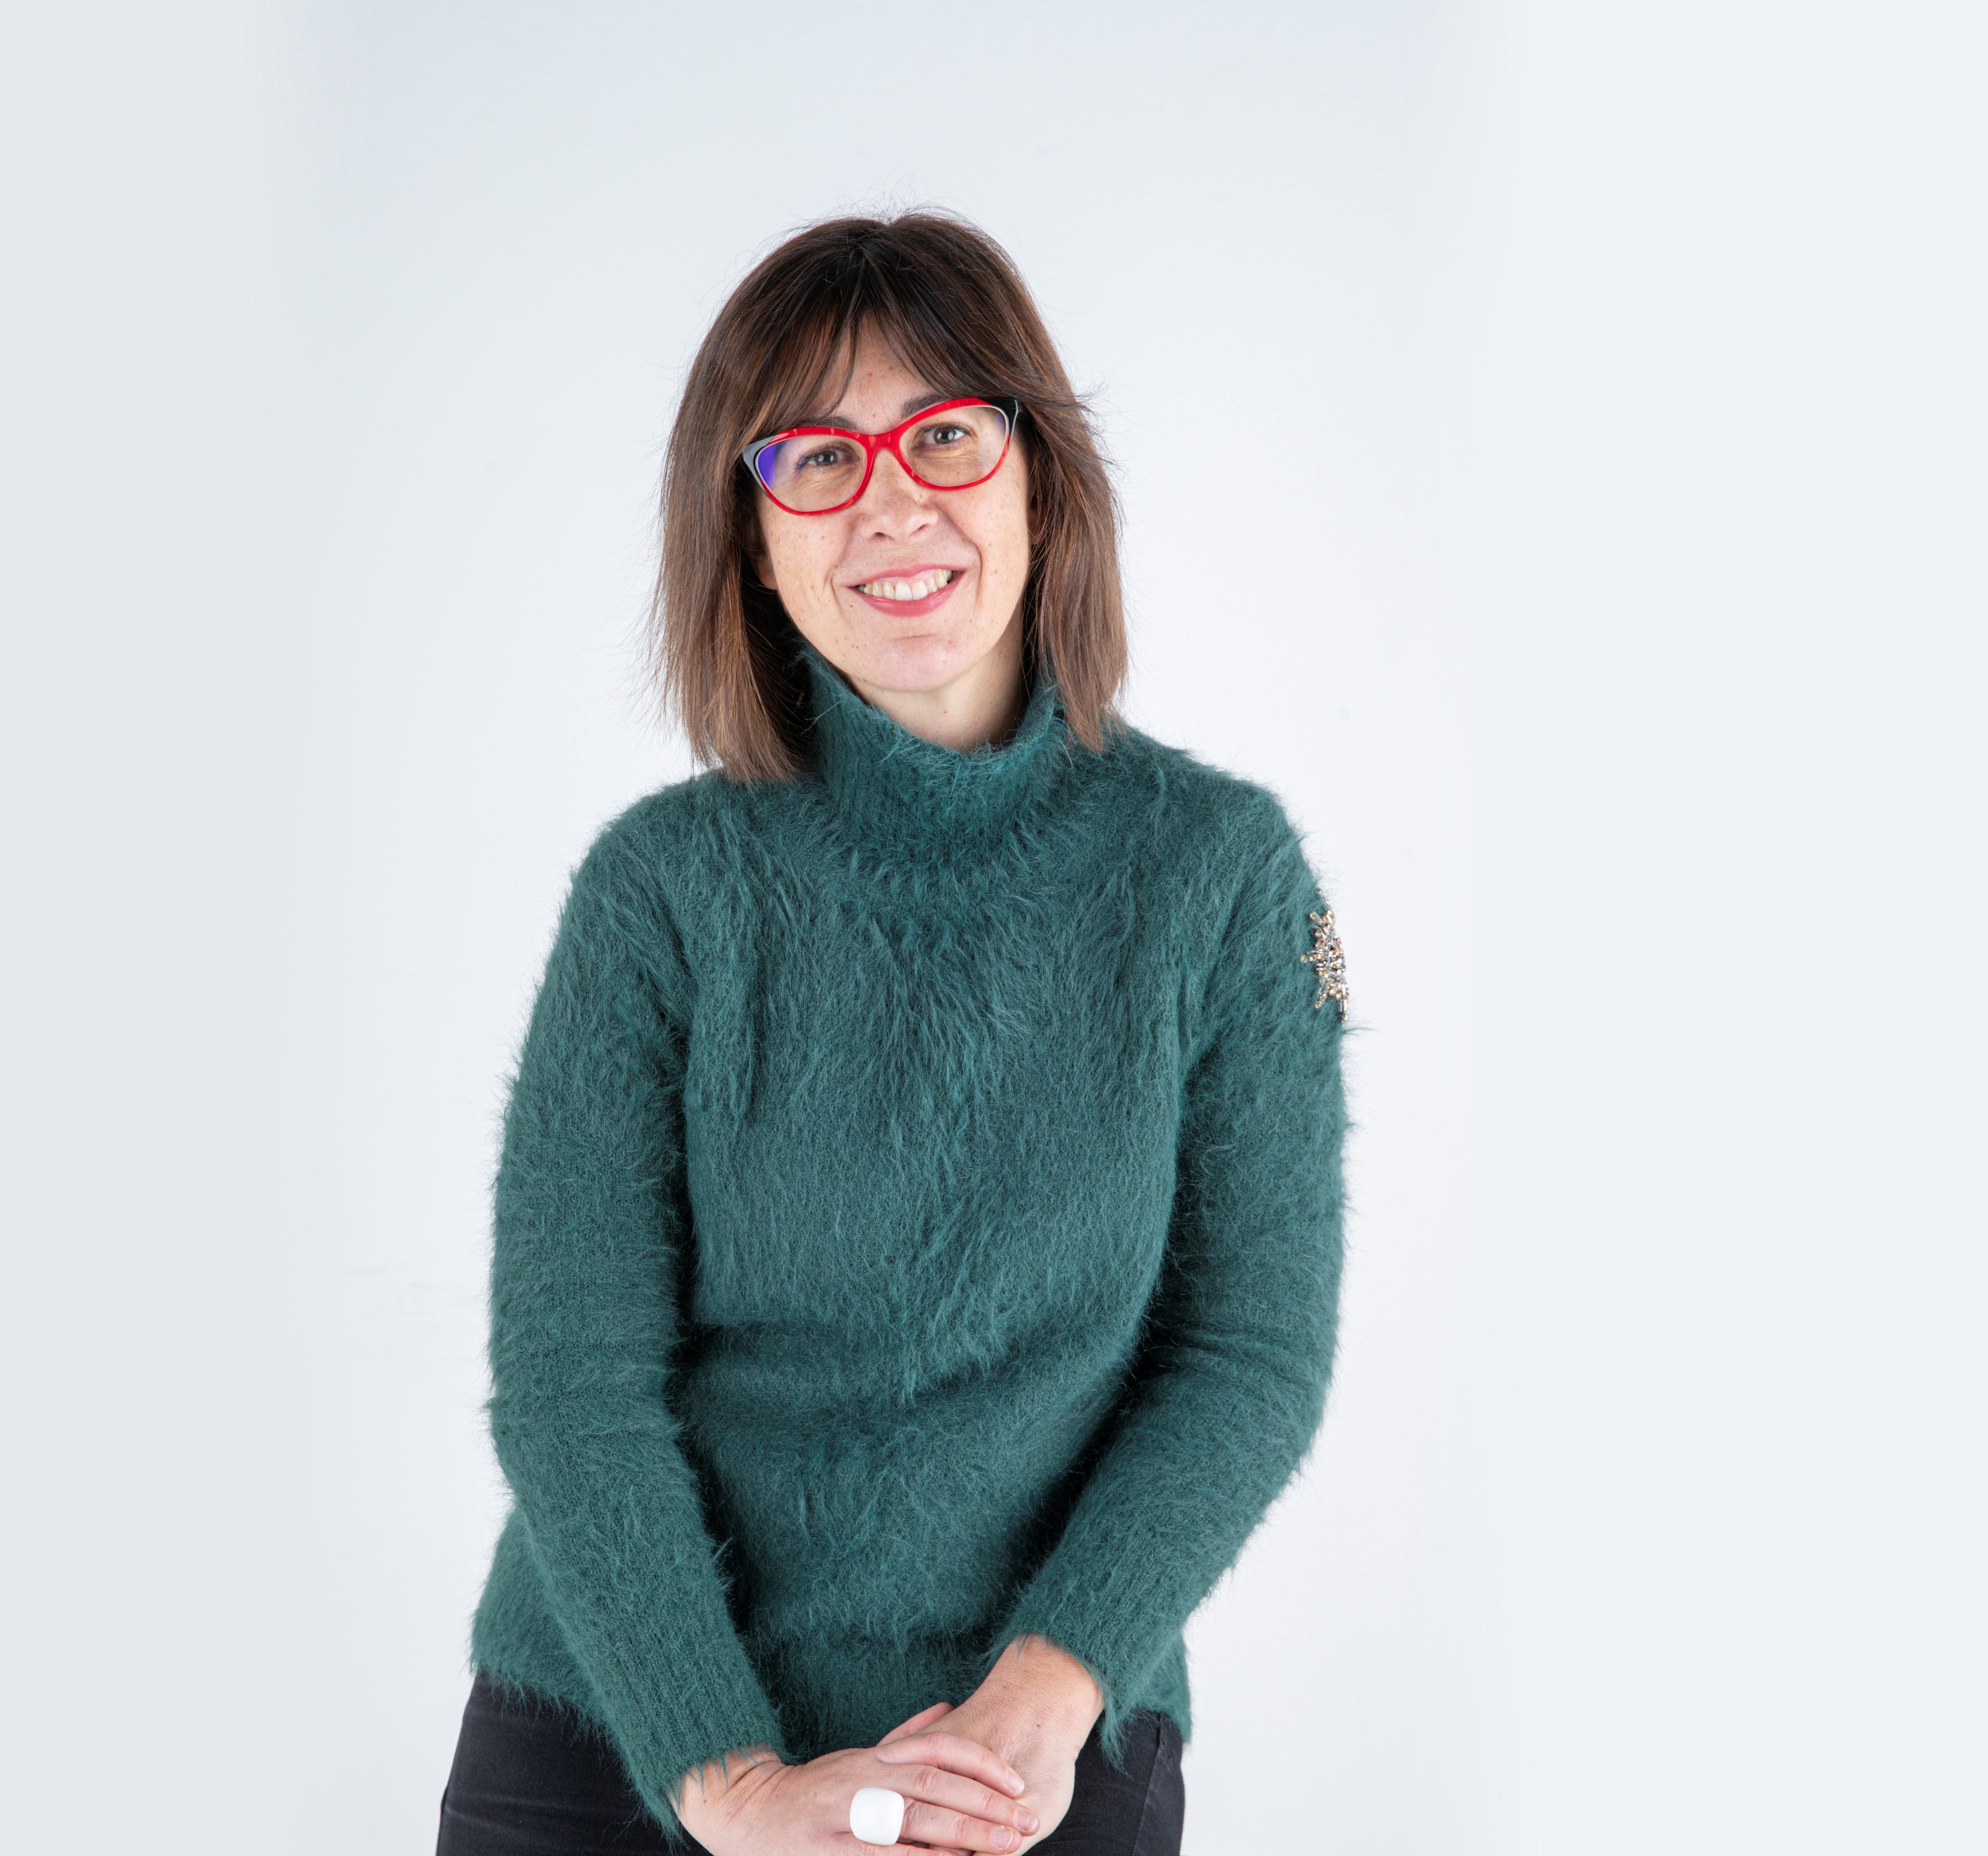 Sonia Cardoso Gallego